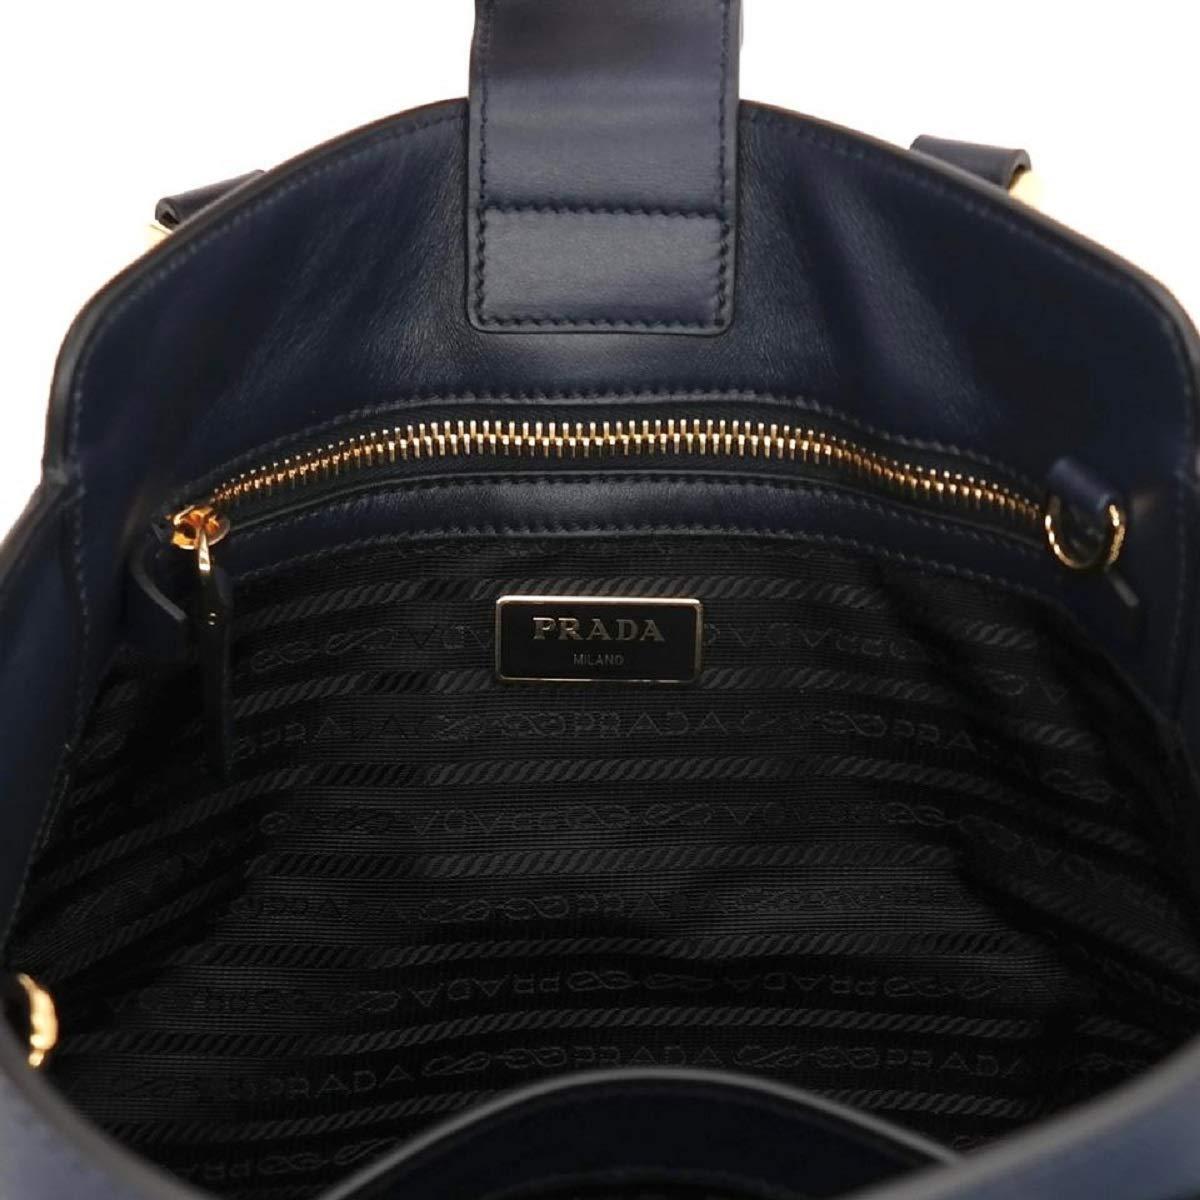 7e31a96a48d7 Prada Women's Navy Blue Saffiano Lux Leather Handbag 1BA118: Handbags:  Amazon.com